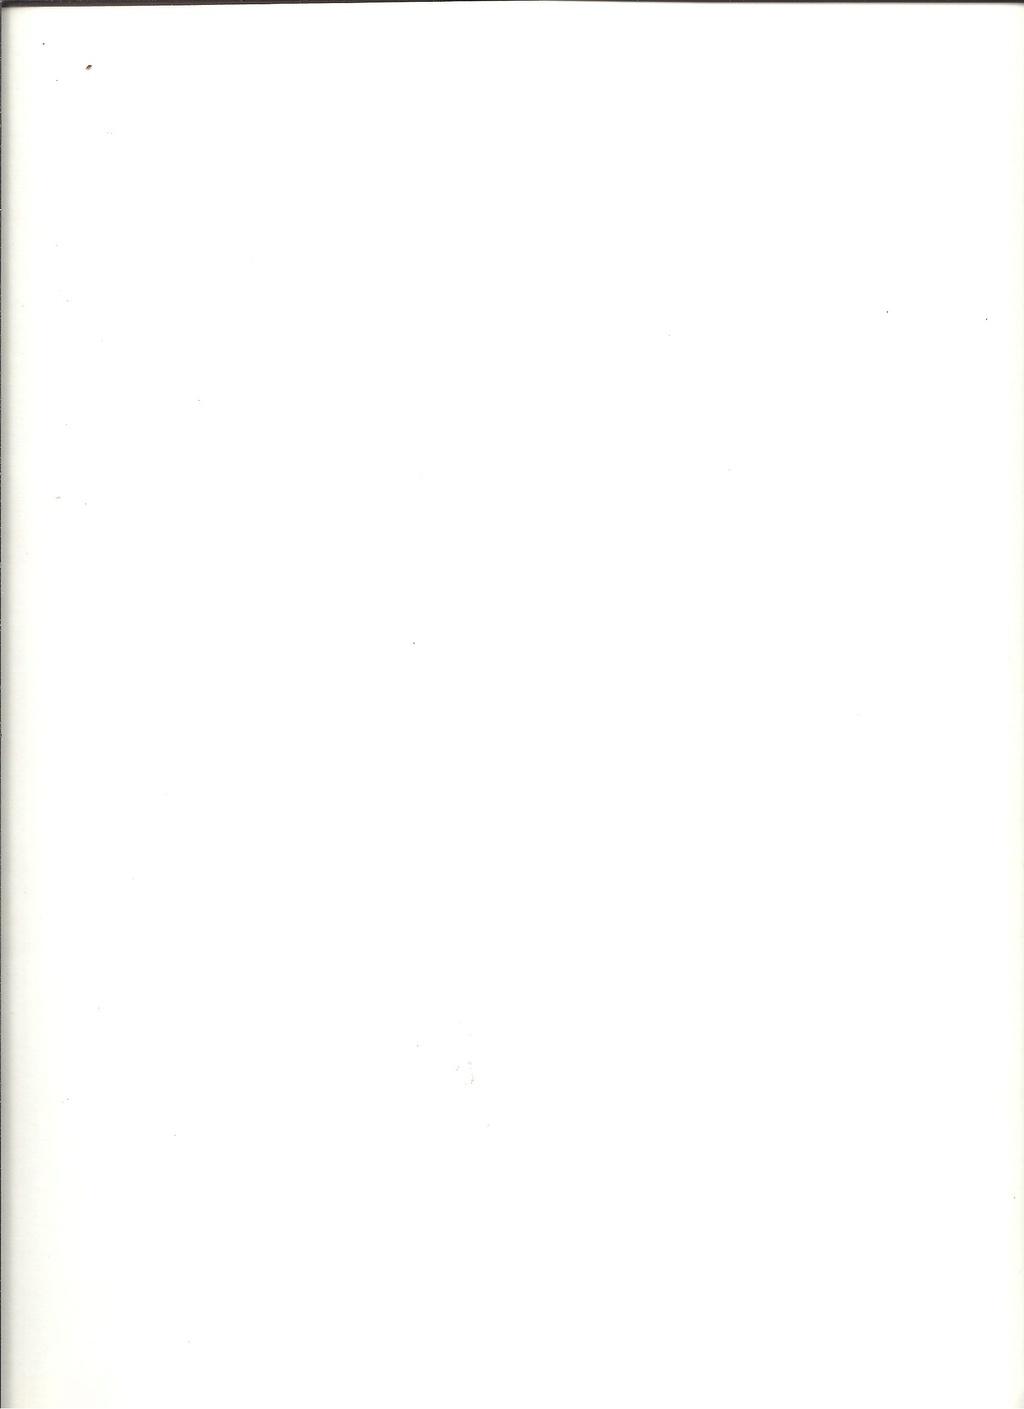 [LAROUSSE ] Maquette cartonnée n°1 SPAD VII au 1/30ème  Larous19